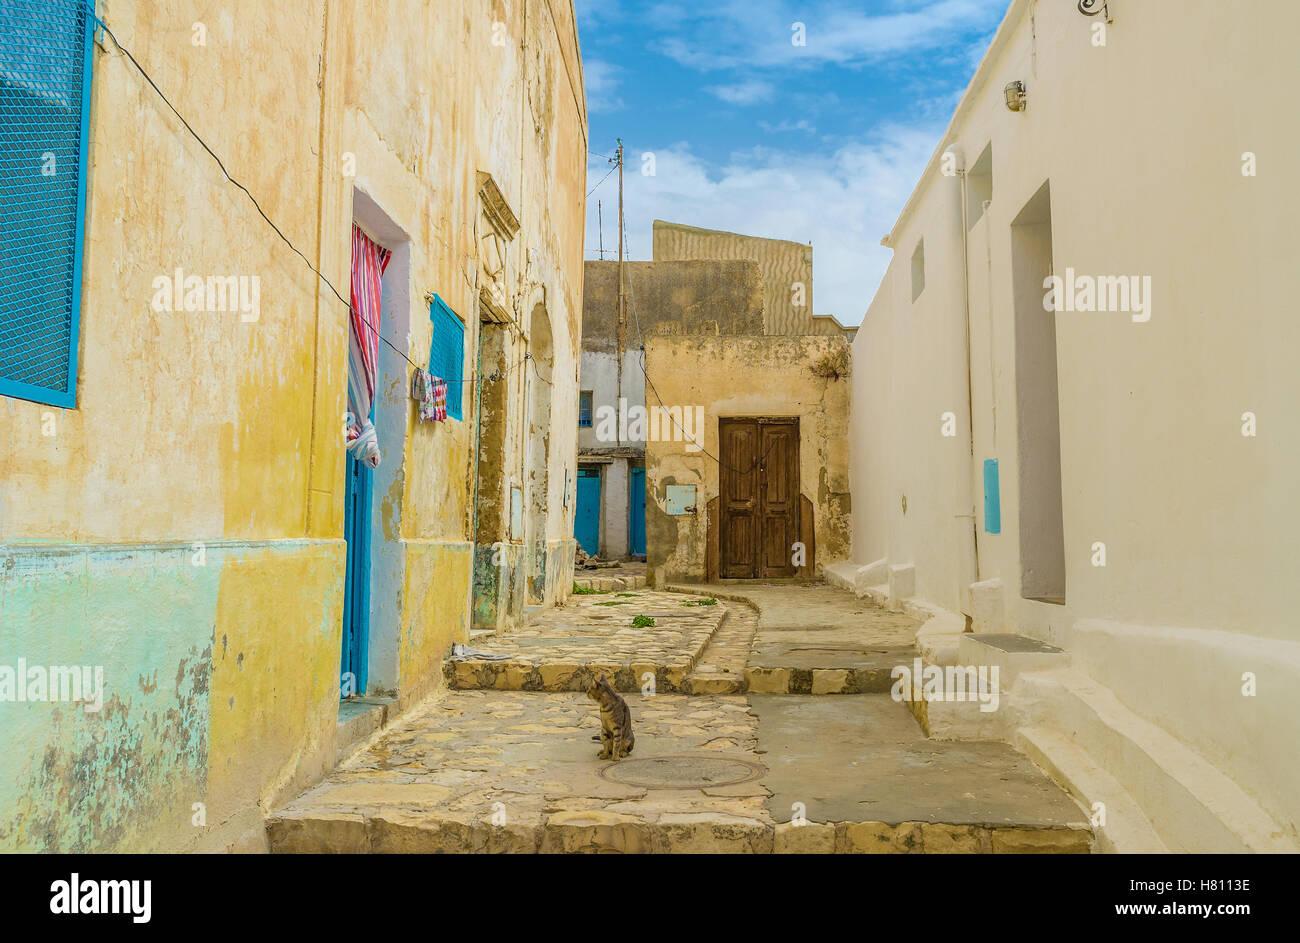 La petite cour dans le vieux quartier résidentiel de El Kef avec murs en ruine et de portes en bois, la Tunisie. Photo Stock